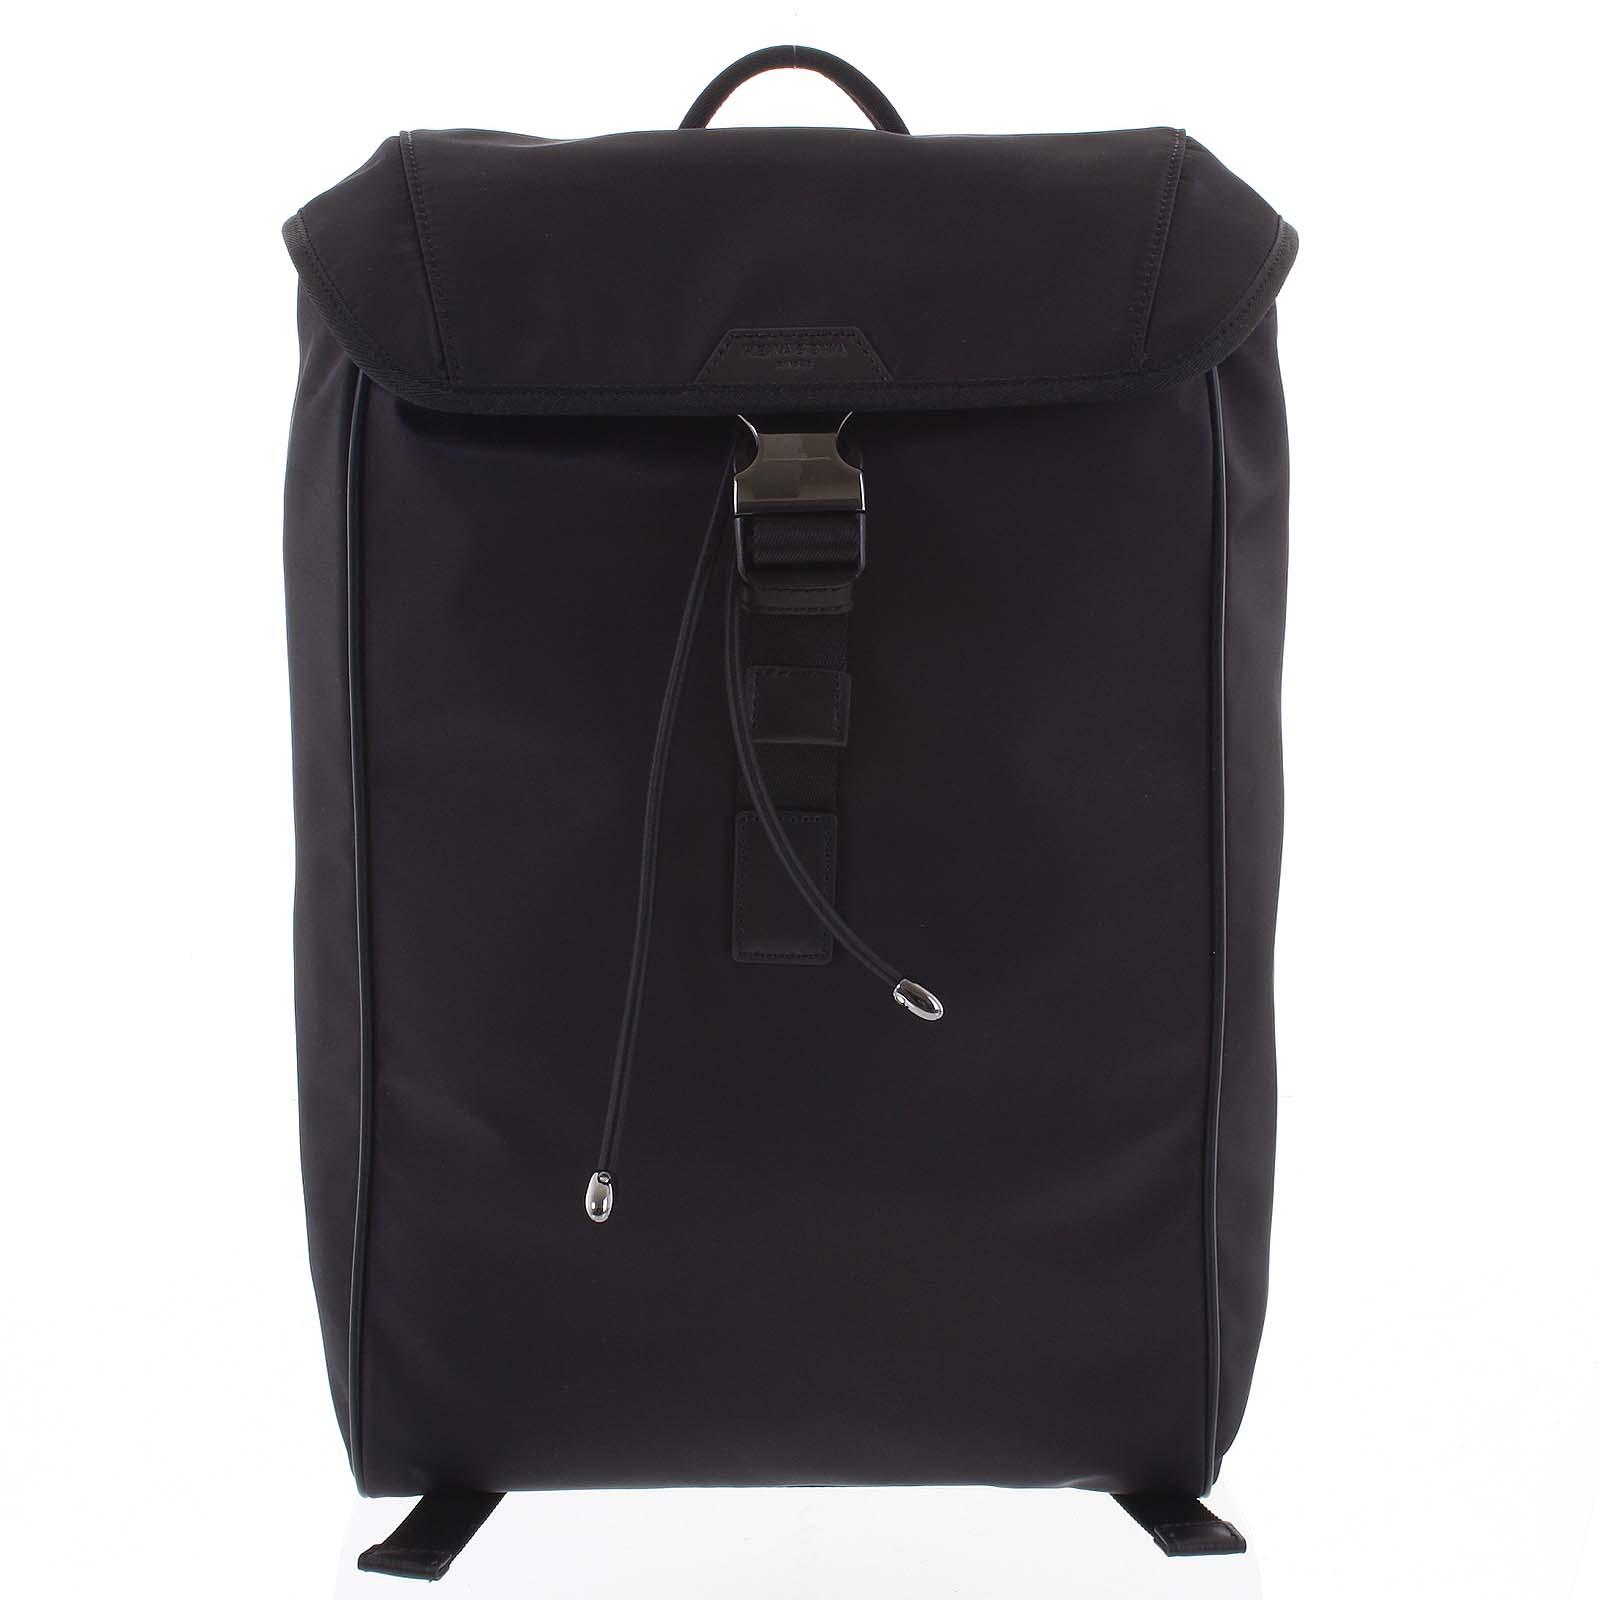 Veľký batoh na notebook čierny - Hexagona Bankey čierna